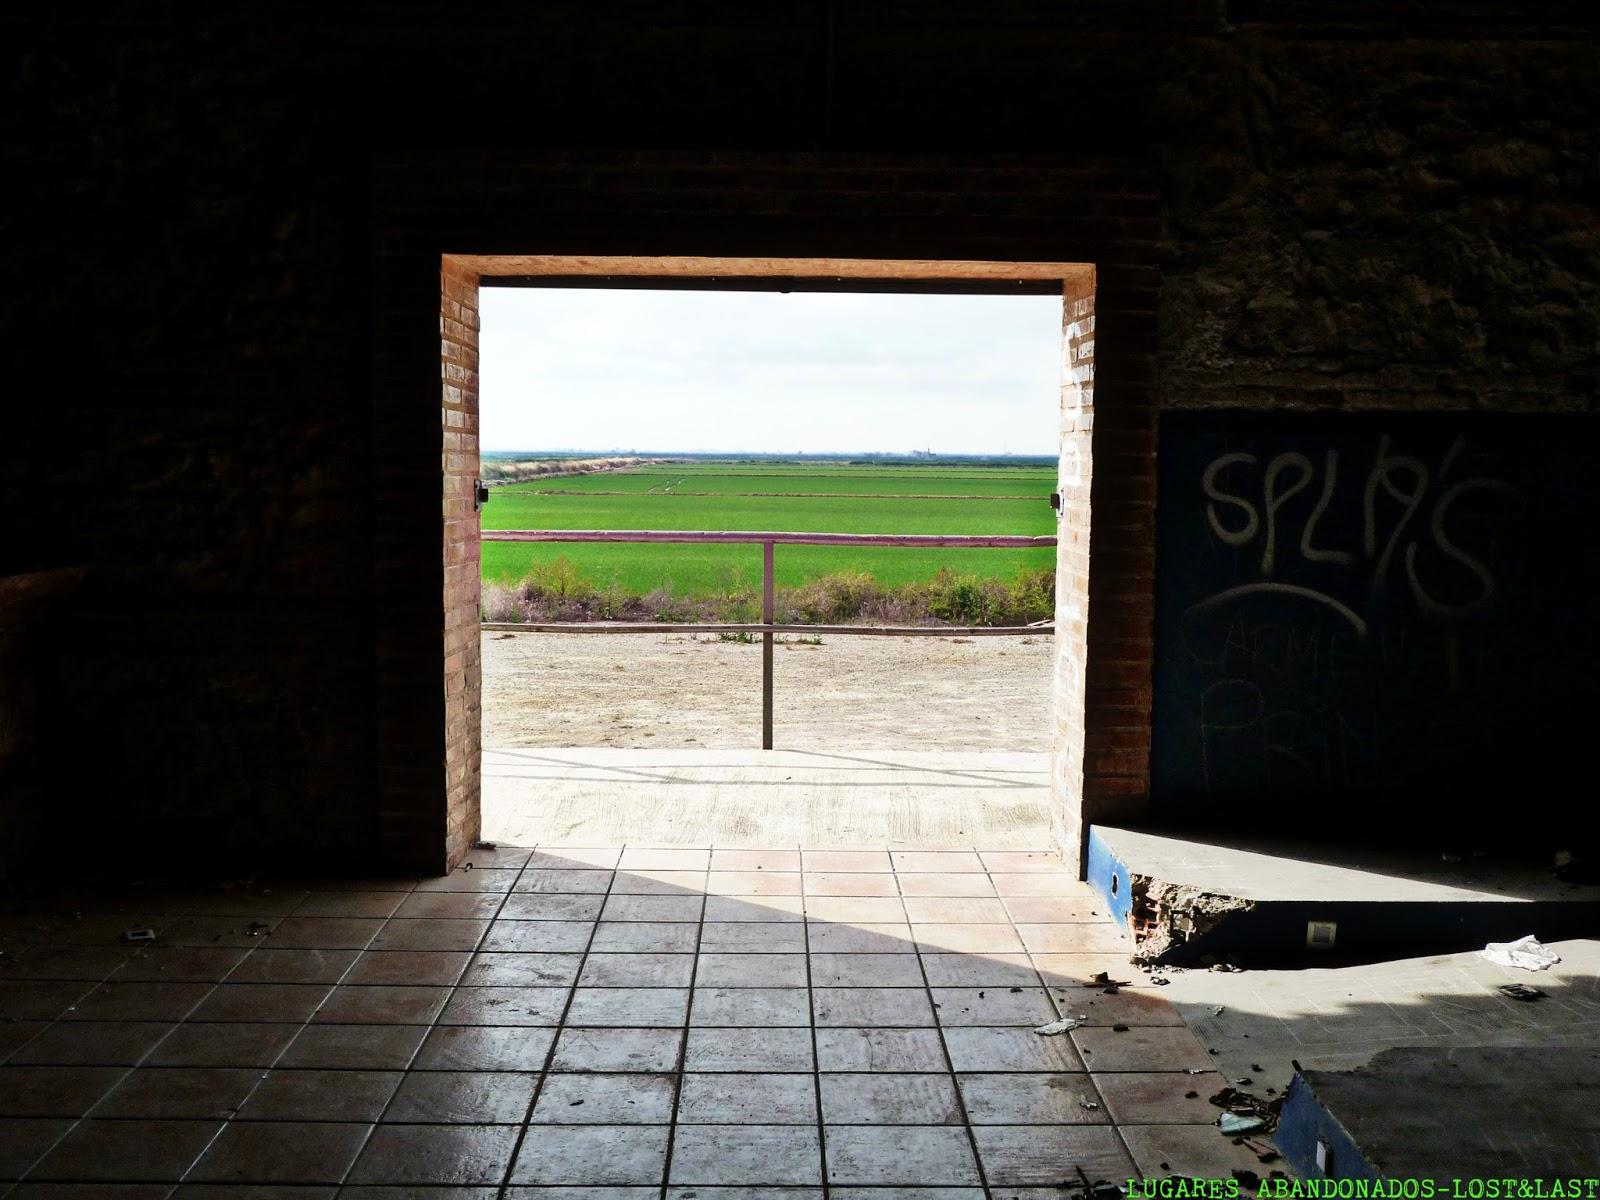 Lugares abandonados lost last discoteca chocolate abandonada - Discoteca in casa ...